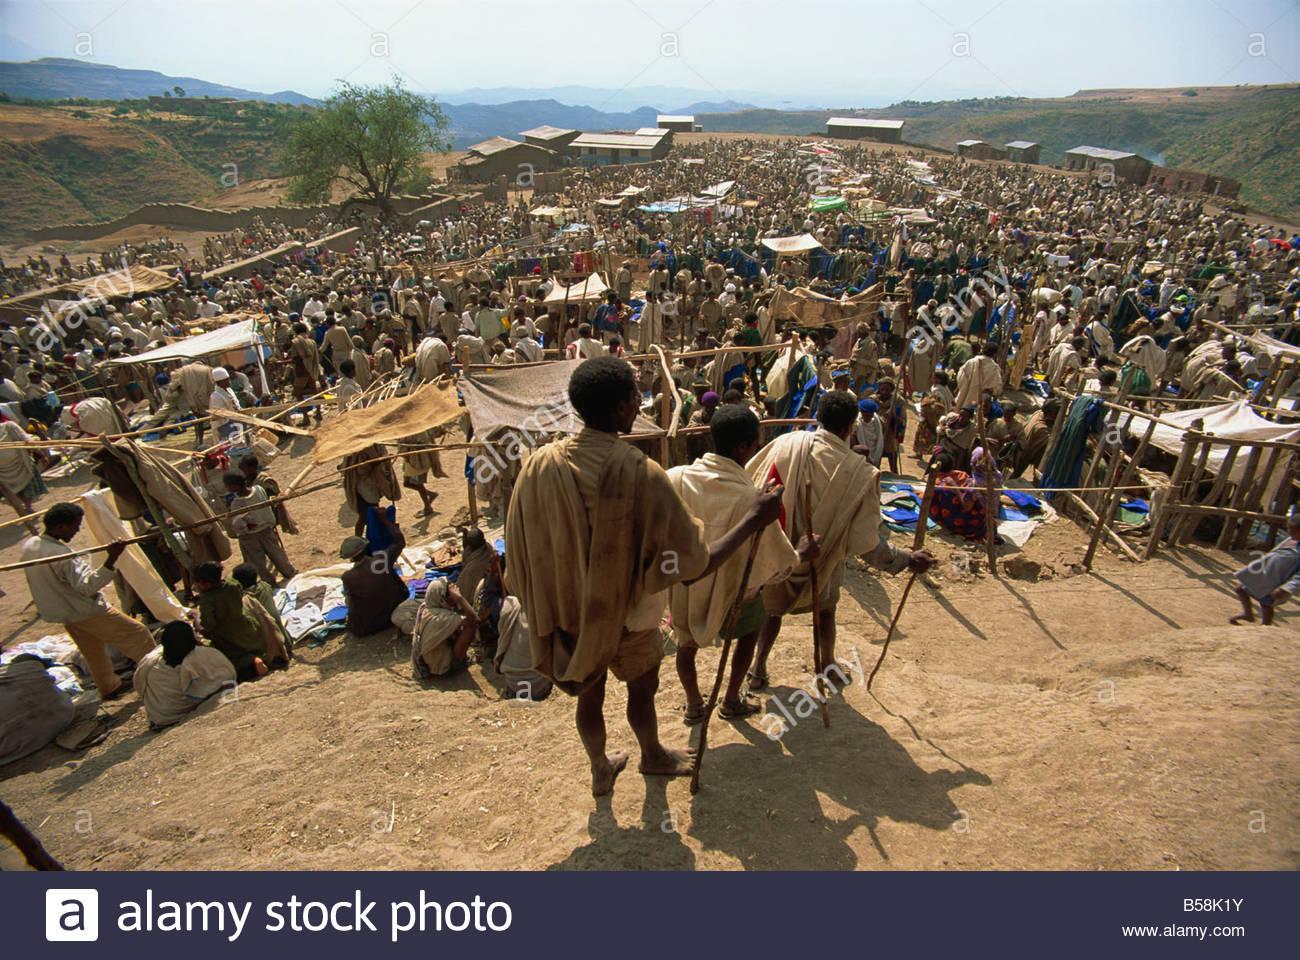 Weekly market, Lalibela, Ethiopia, Africa - Stock Image